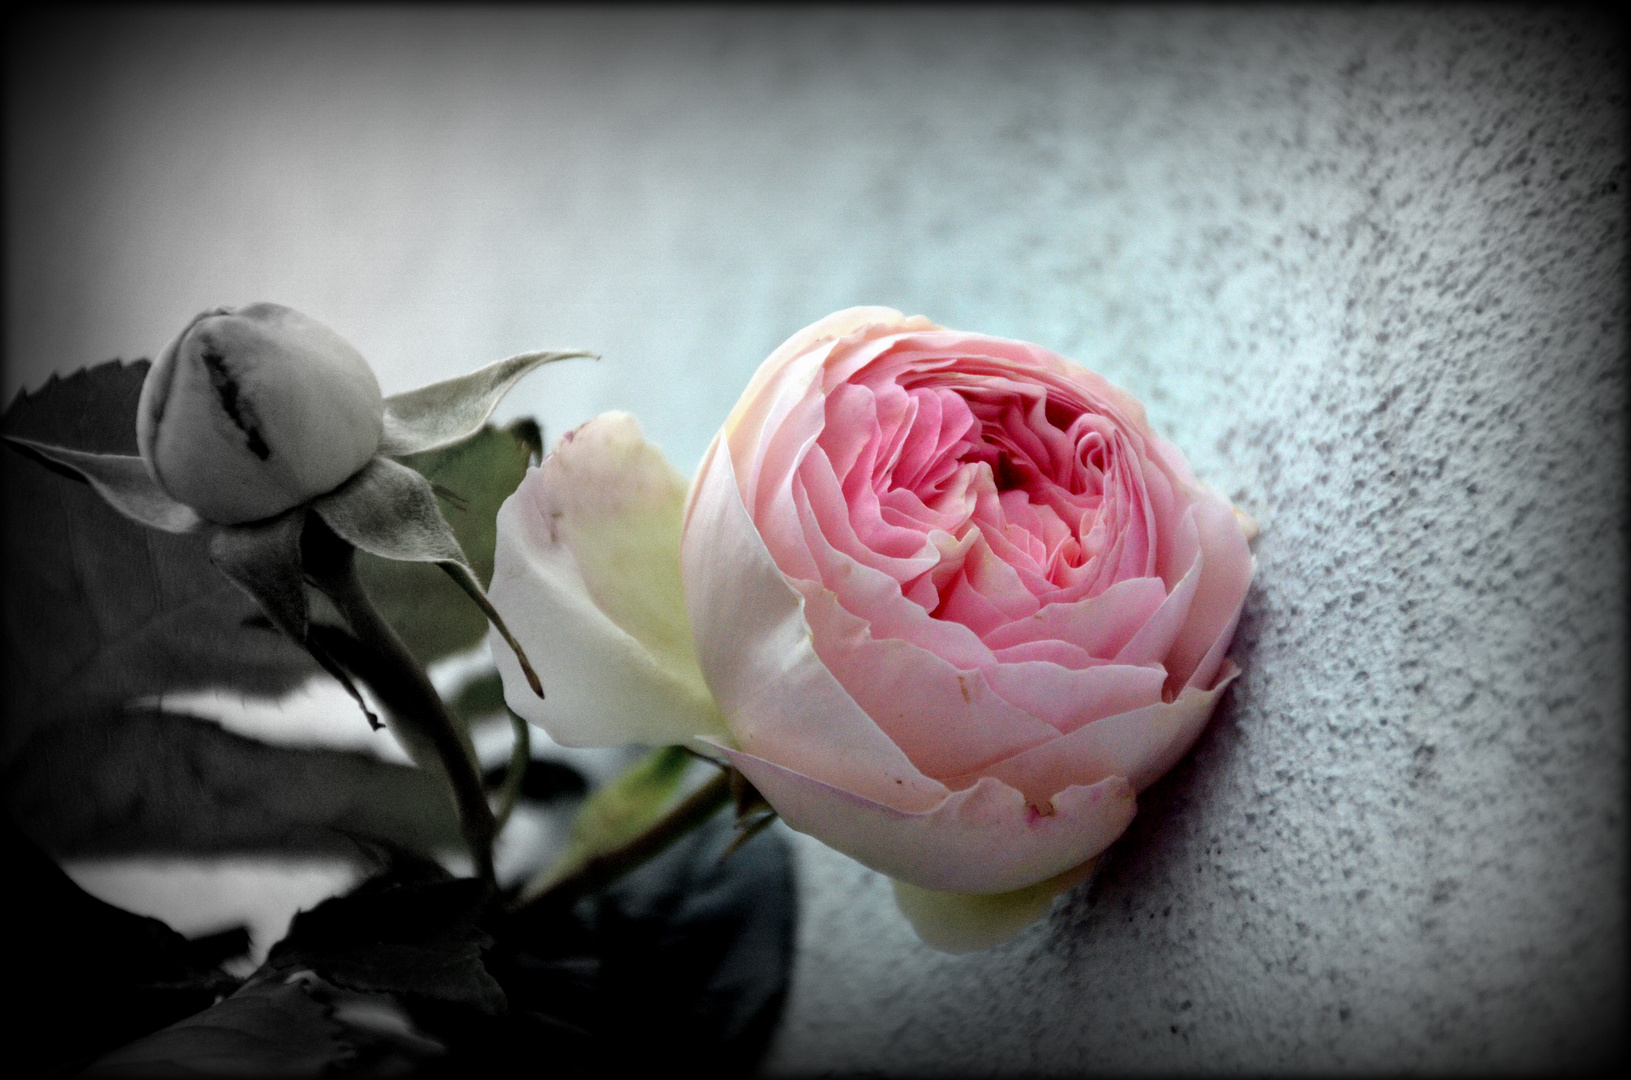 La rosa rosa